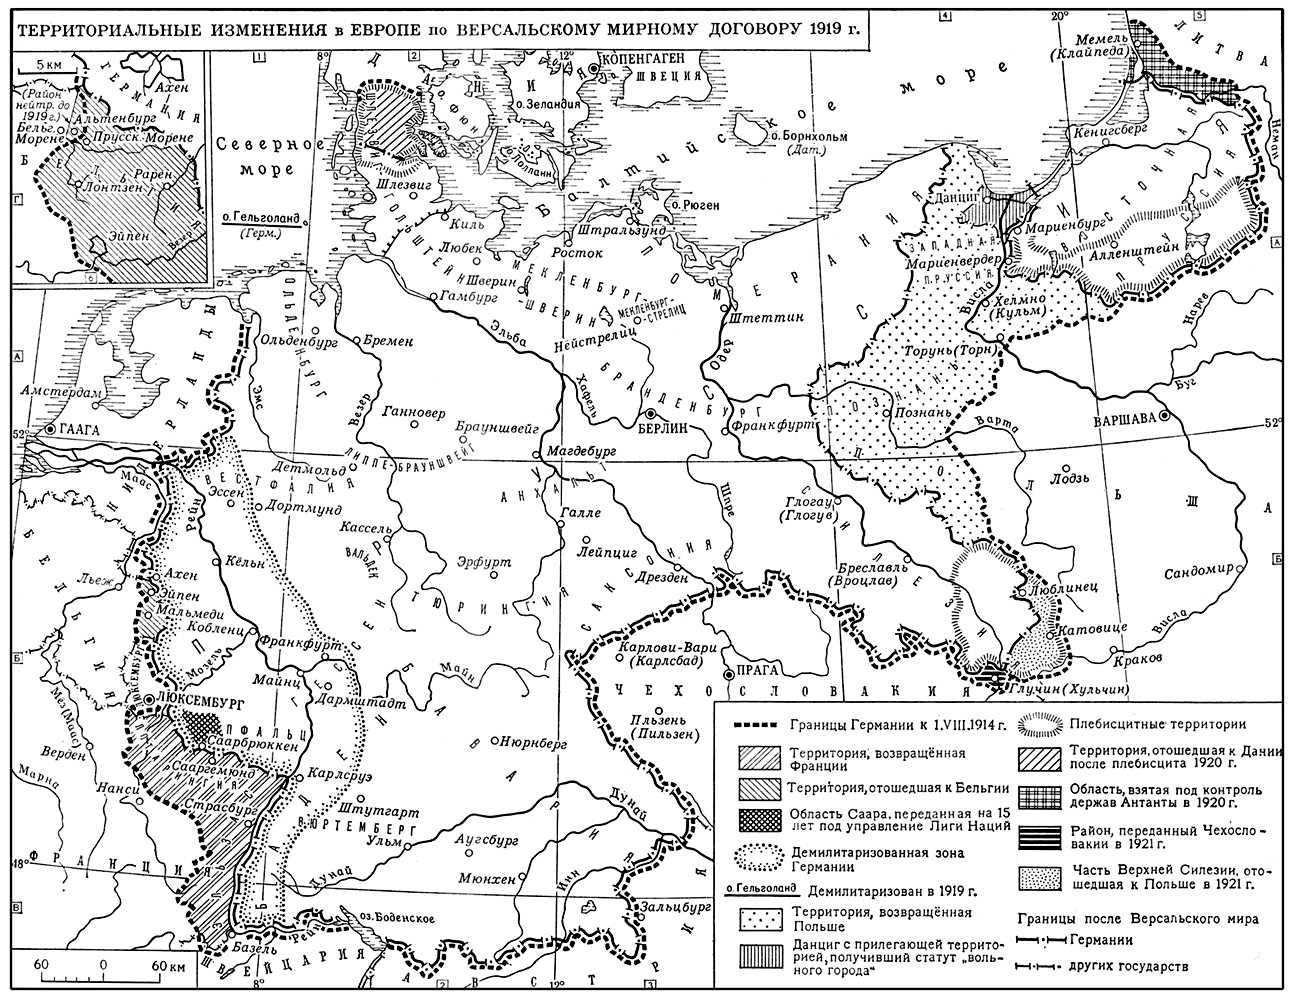 Таблица по истории территориальные изменения в европе гдз